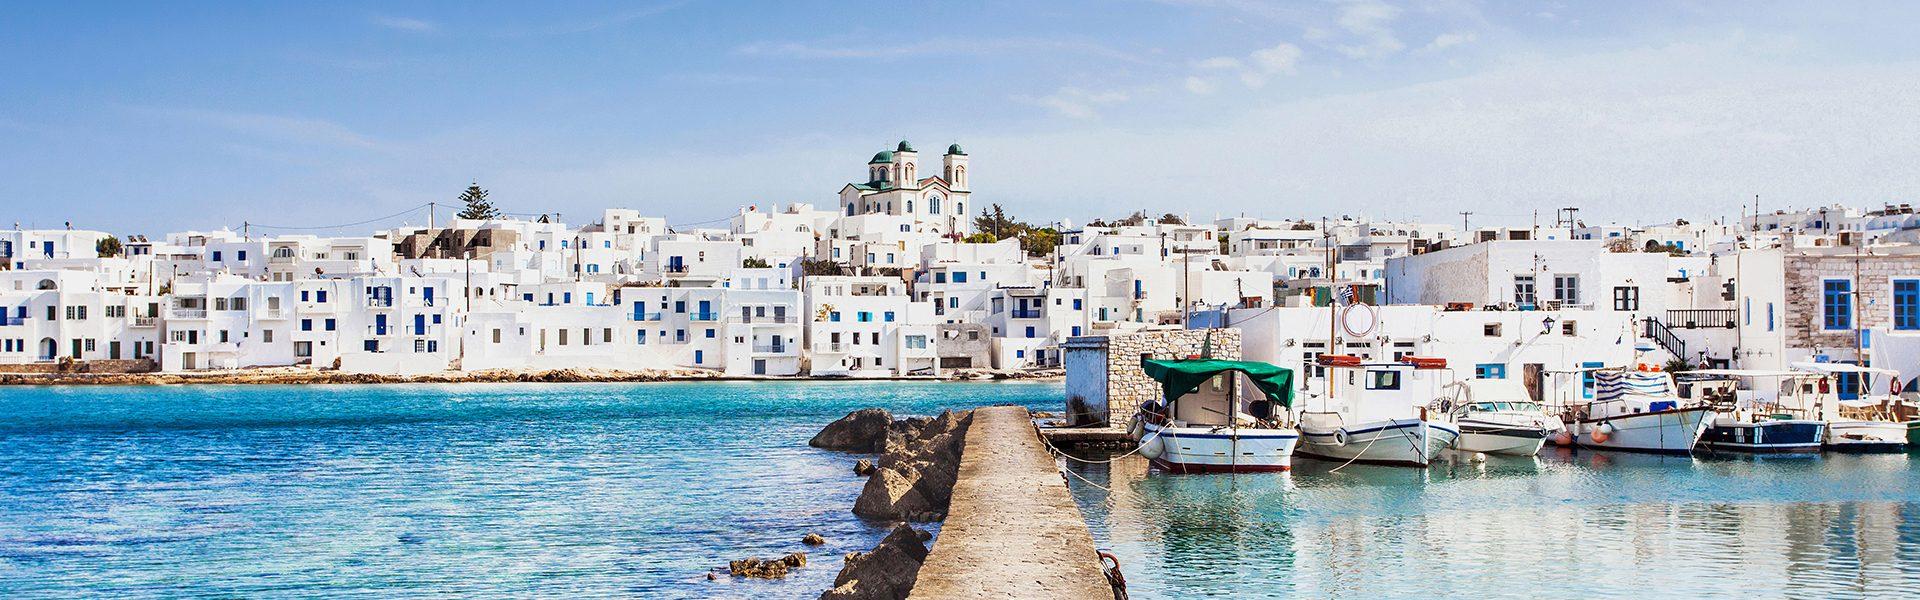 Καλοκαίρι στην Πάρο | Διακοπές με την Prima Holidays στην Ελλάδα